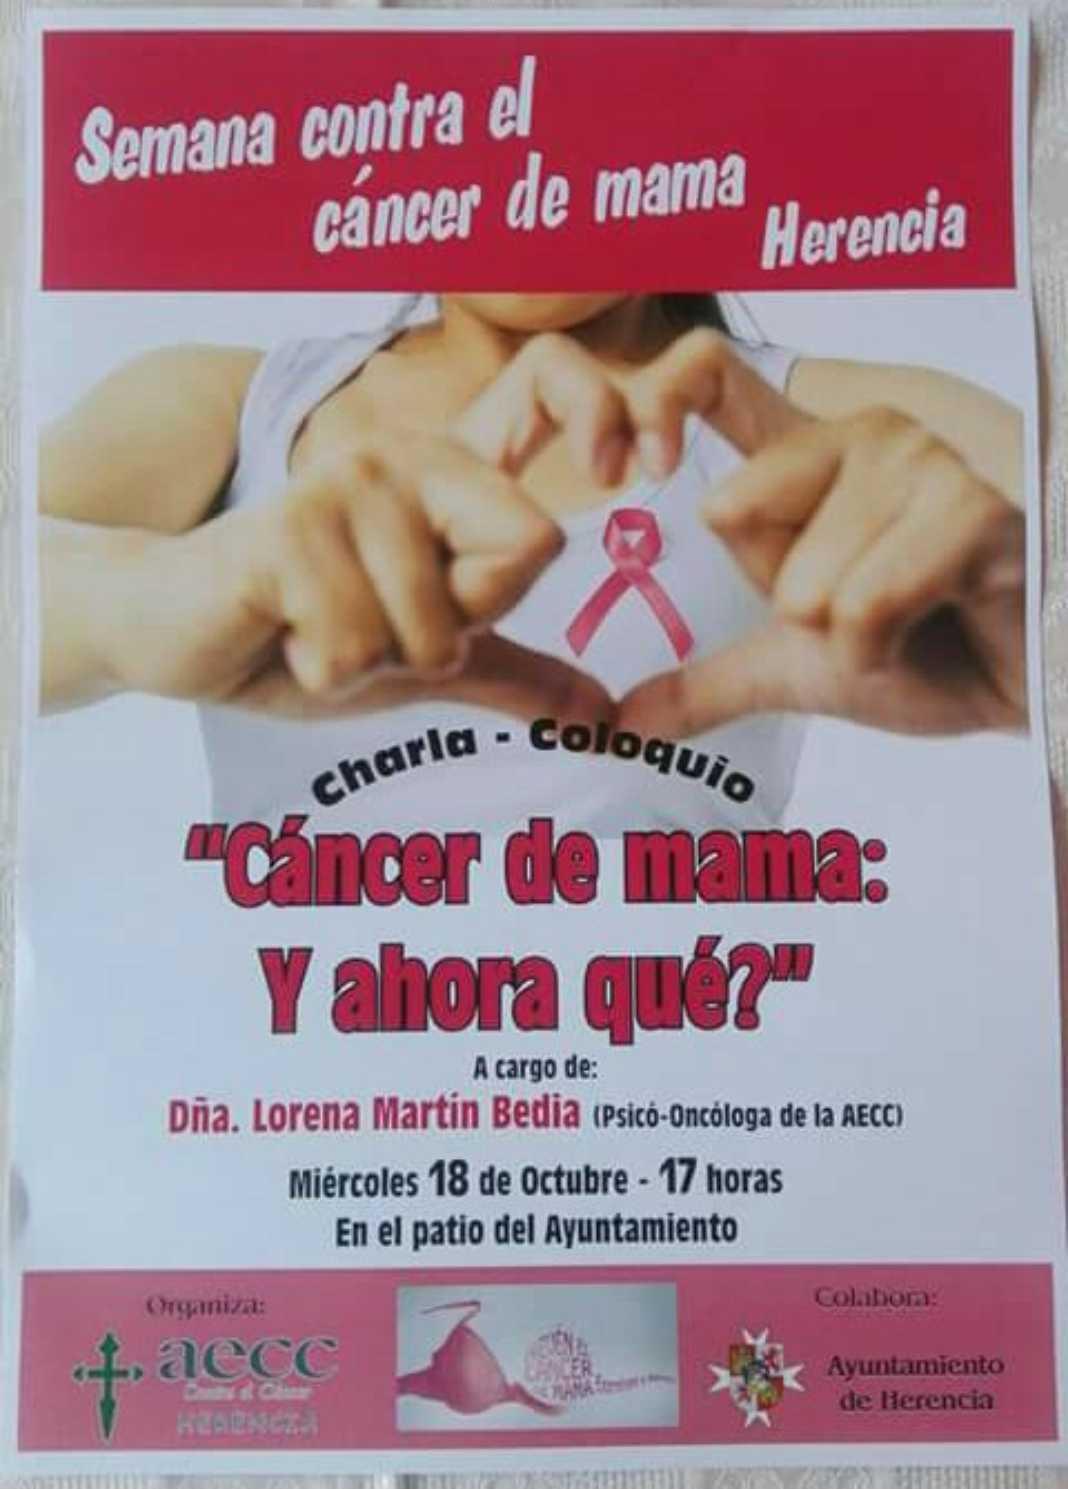 Semana contra el cáncer de mama en Herencia 8